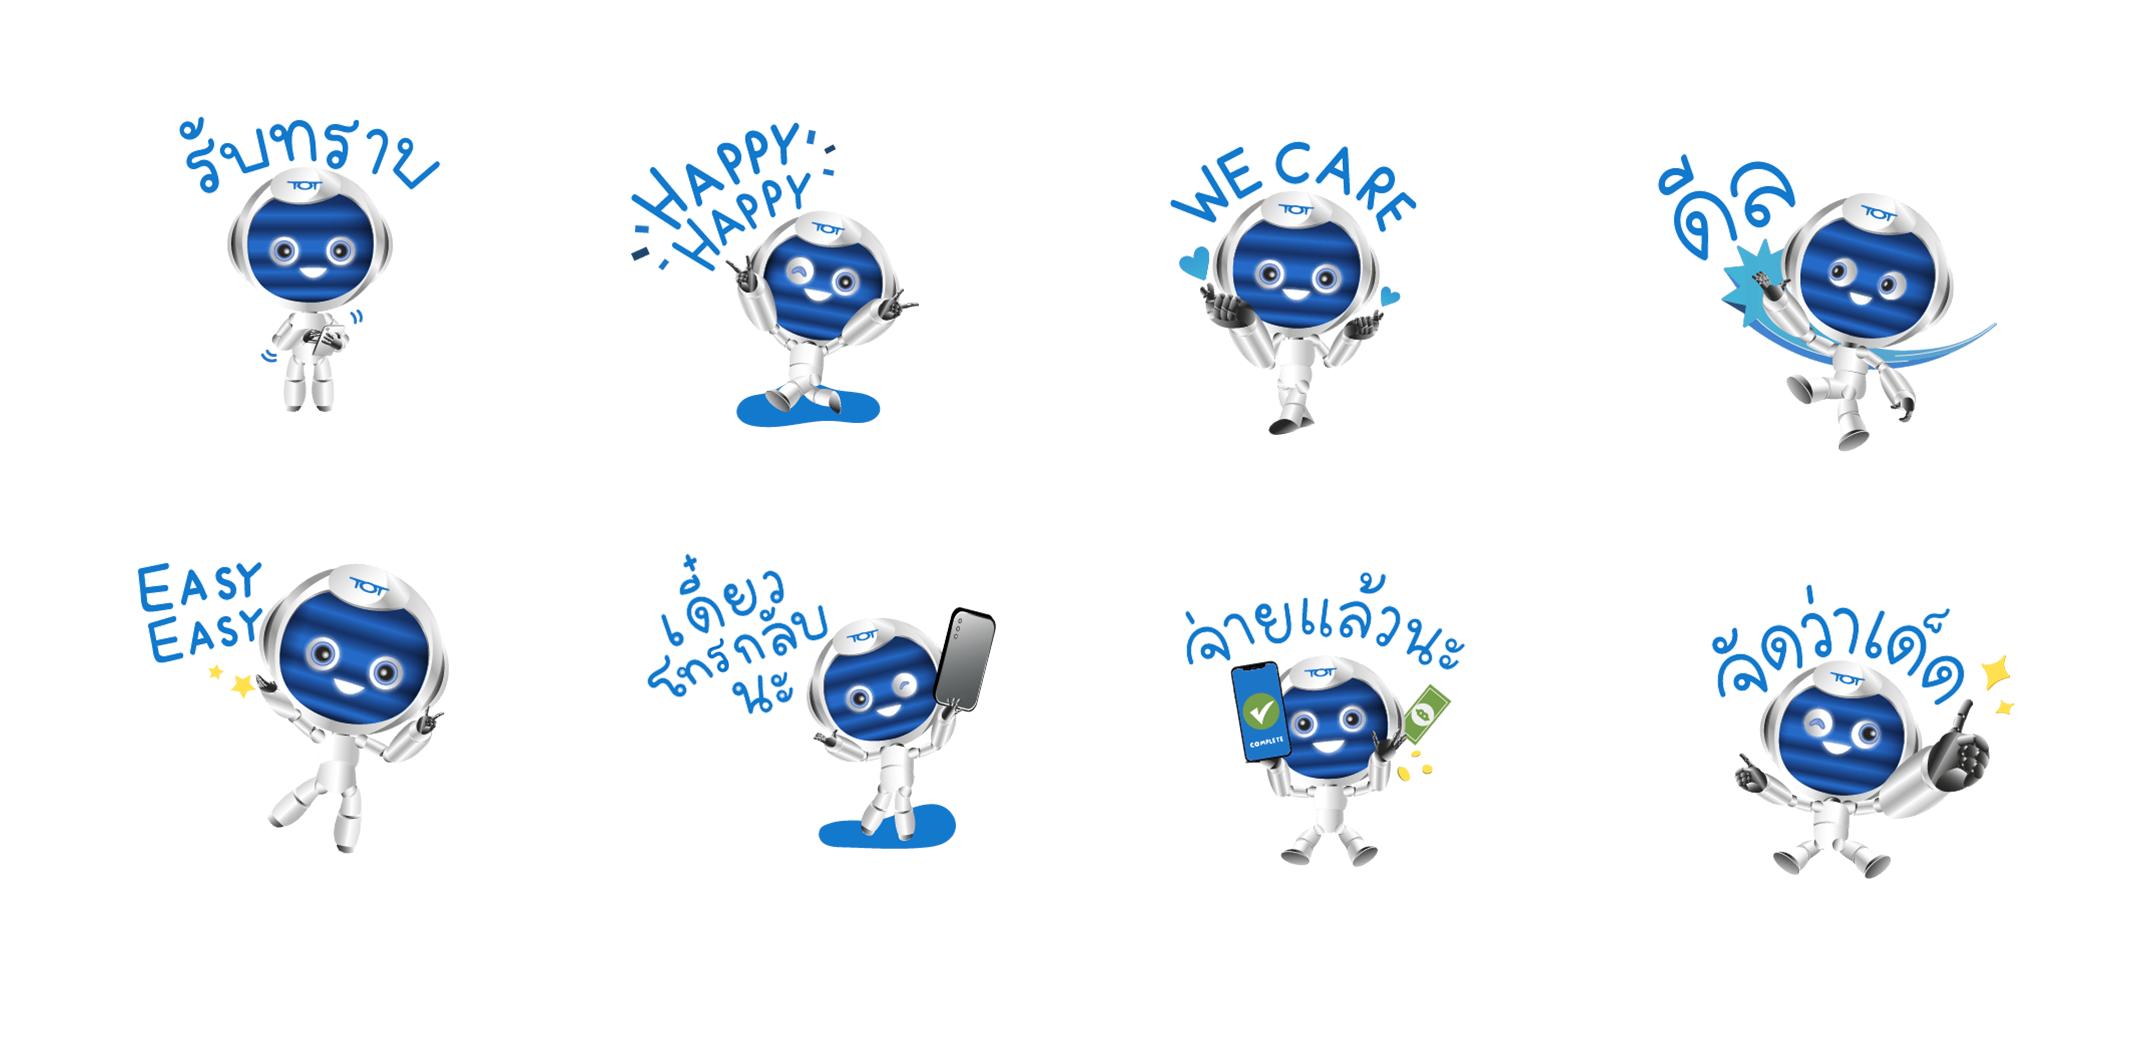 Sticker_OK